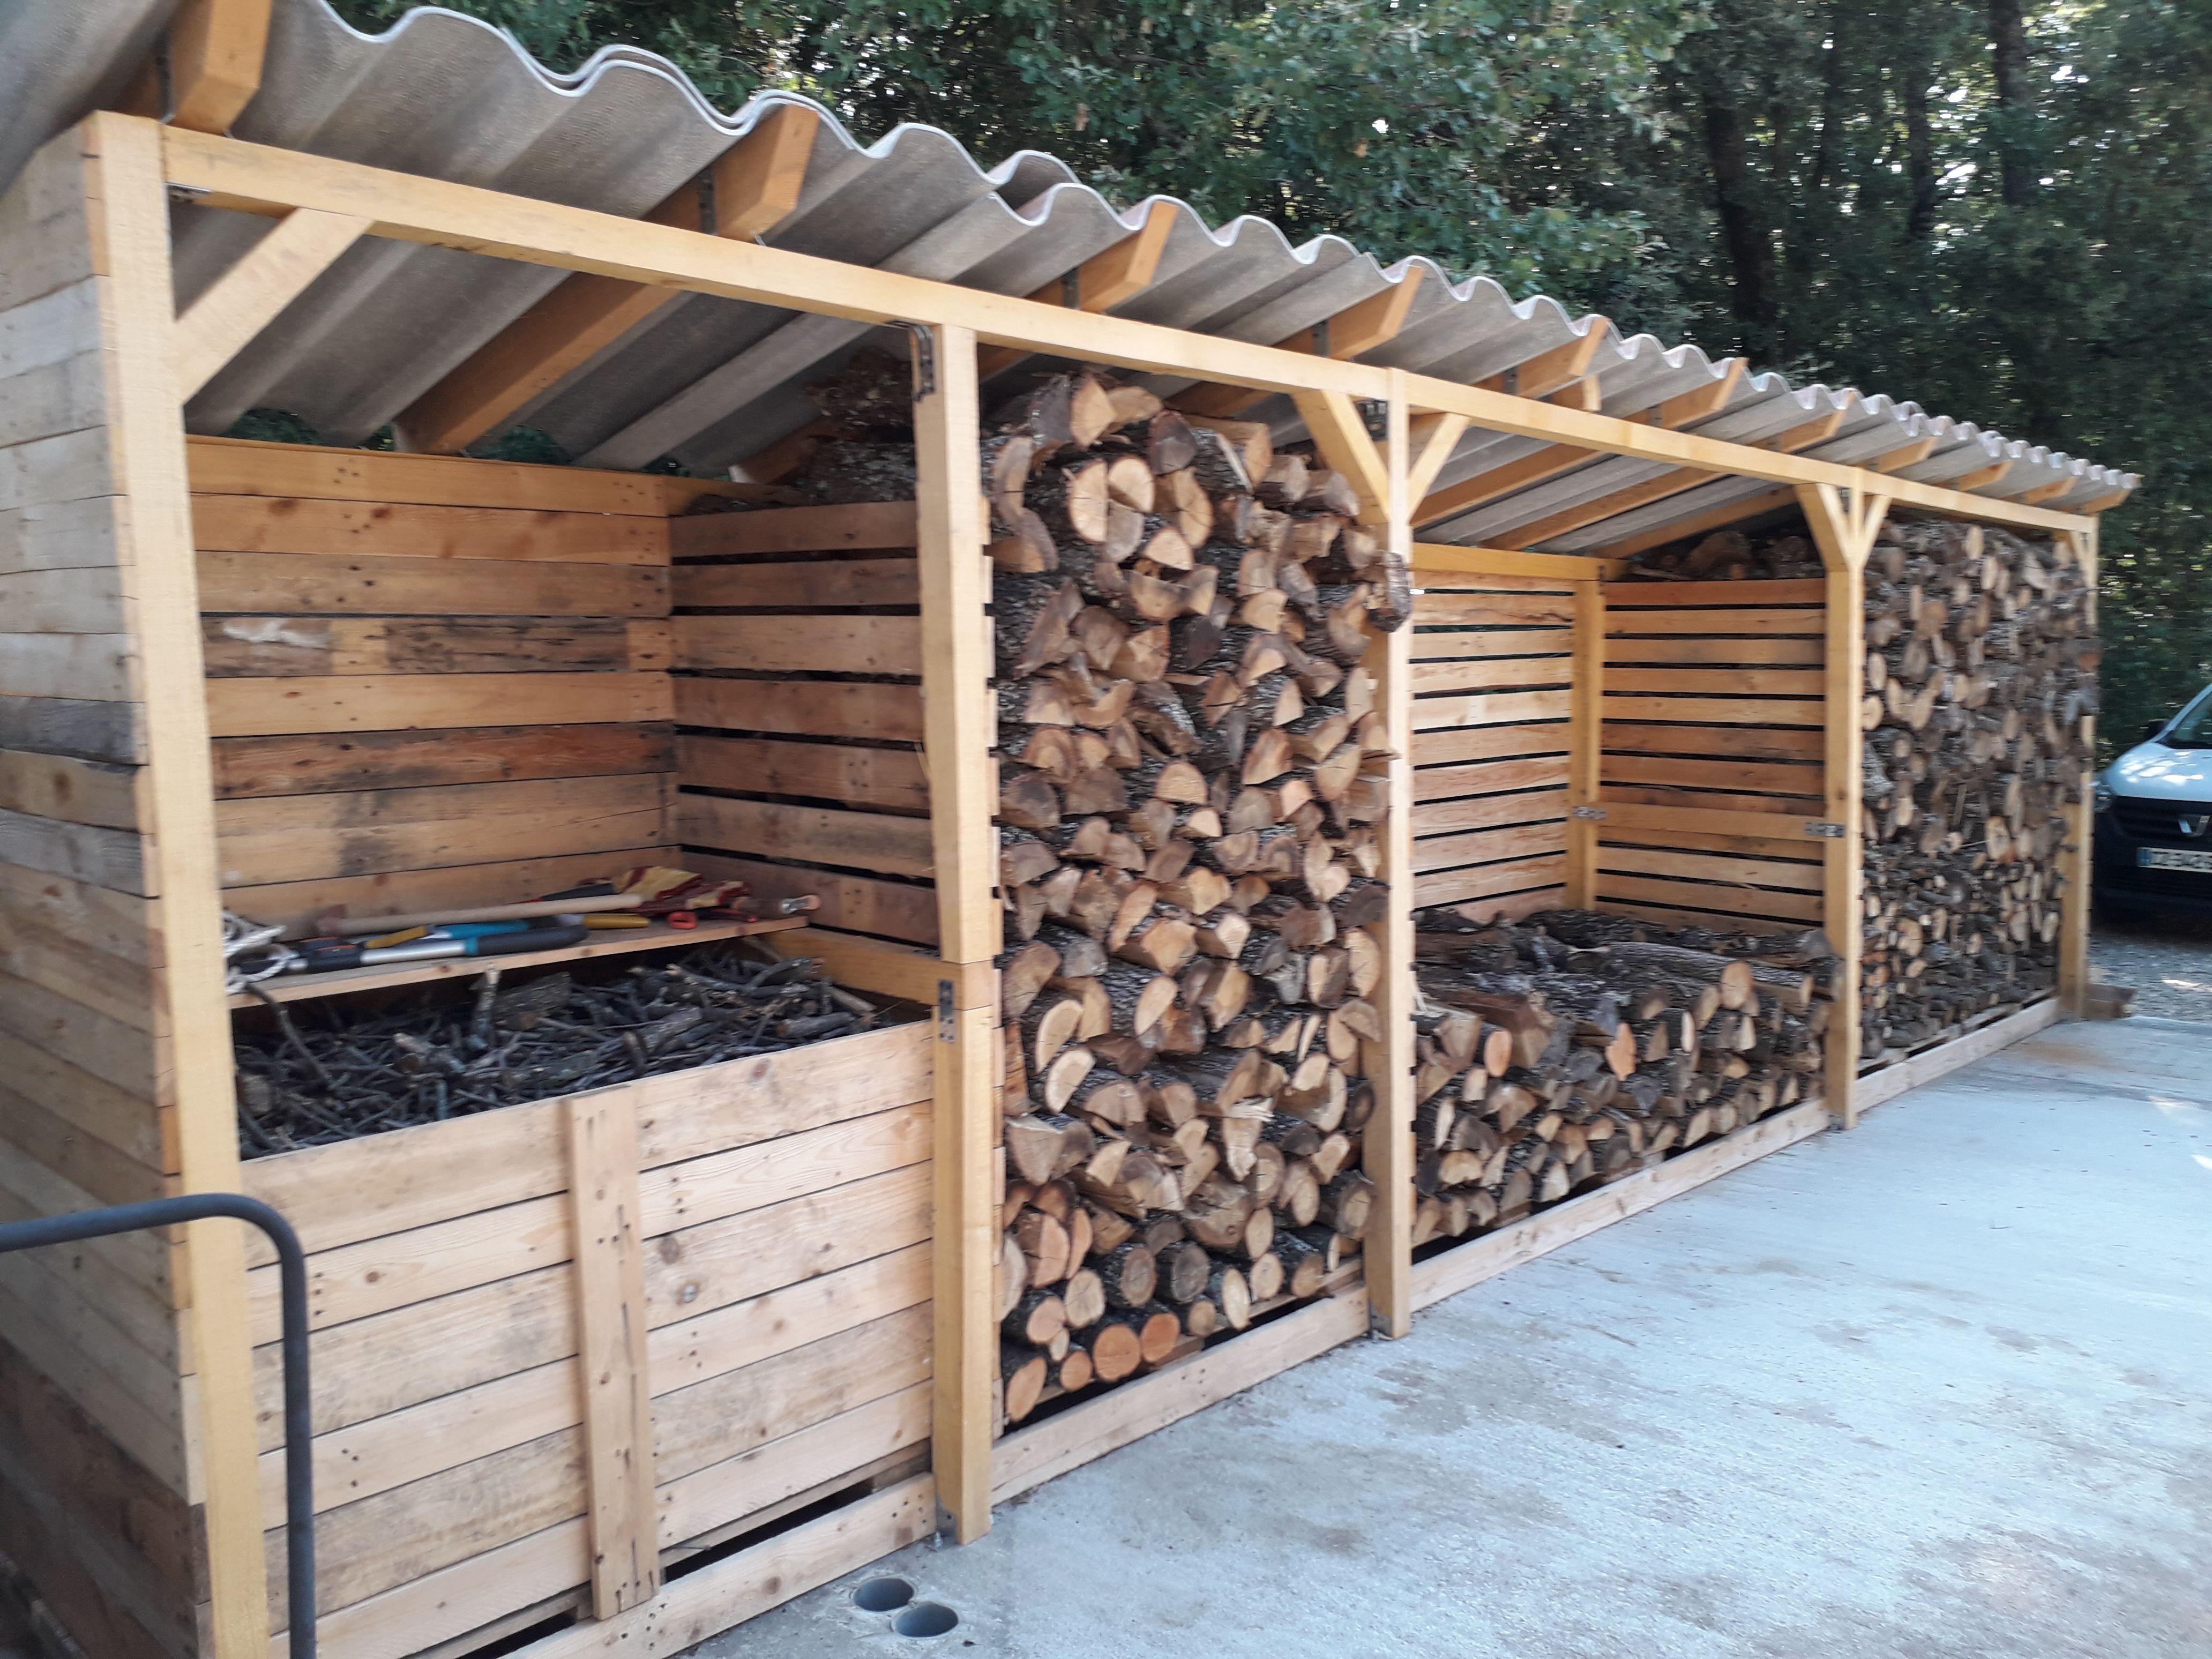 Épinglé Par Valbar Sur Abris Bois En 2020   Abri Bois ... intérieur Abri A Bois